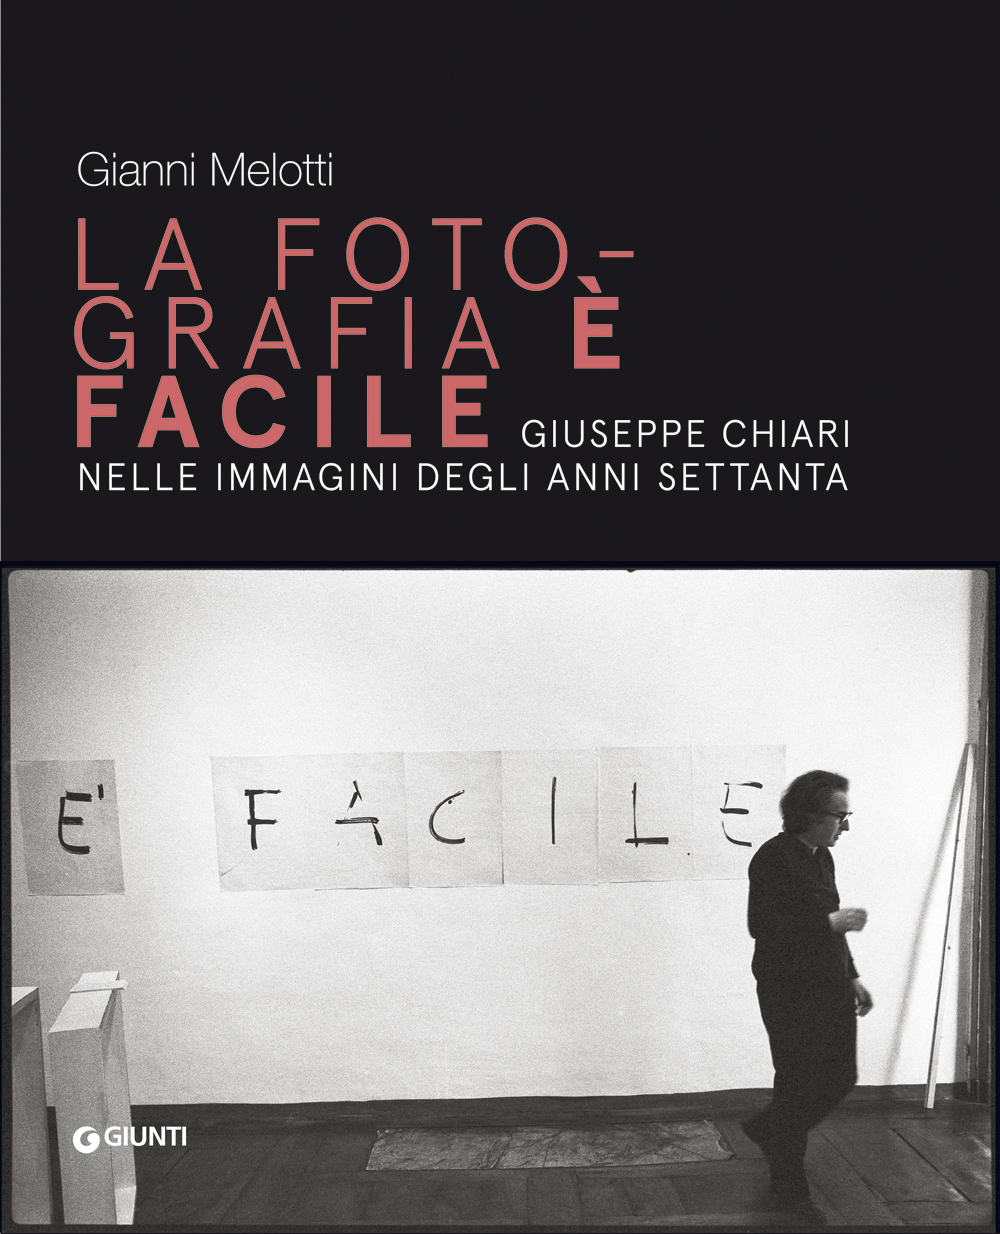 Gianni Melotti. La fotografia è facile